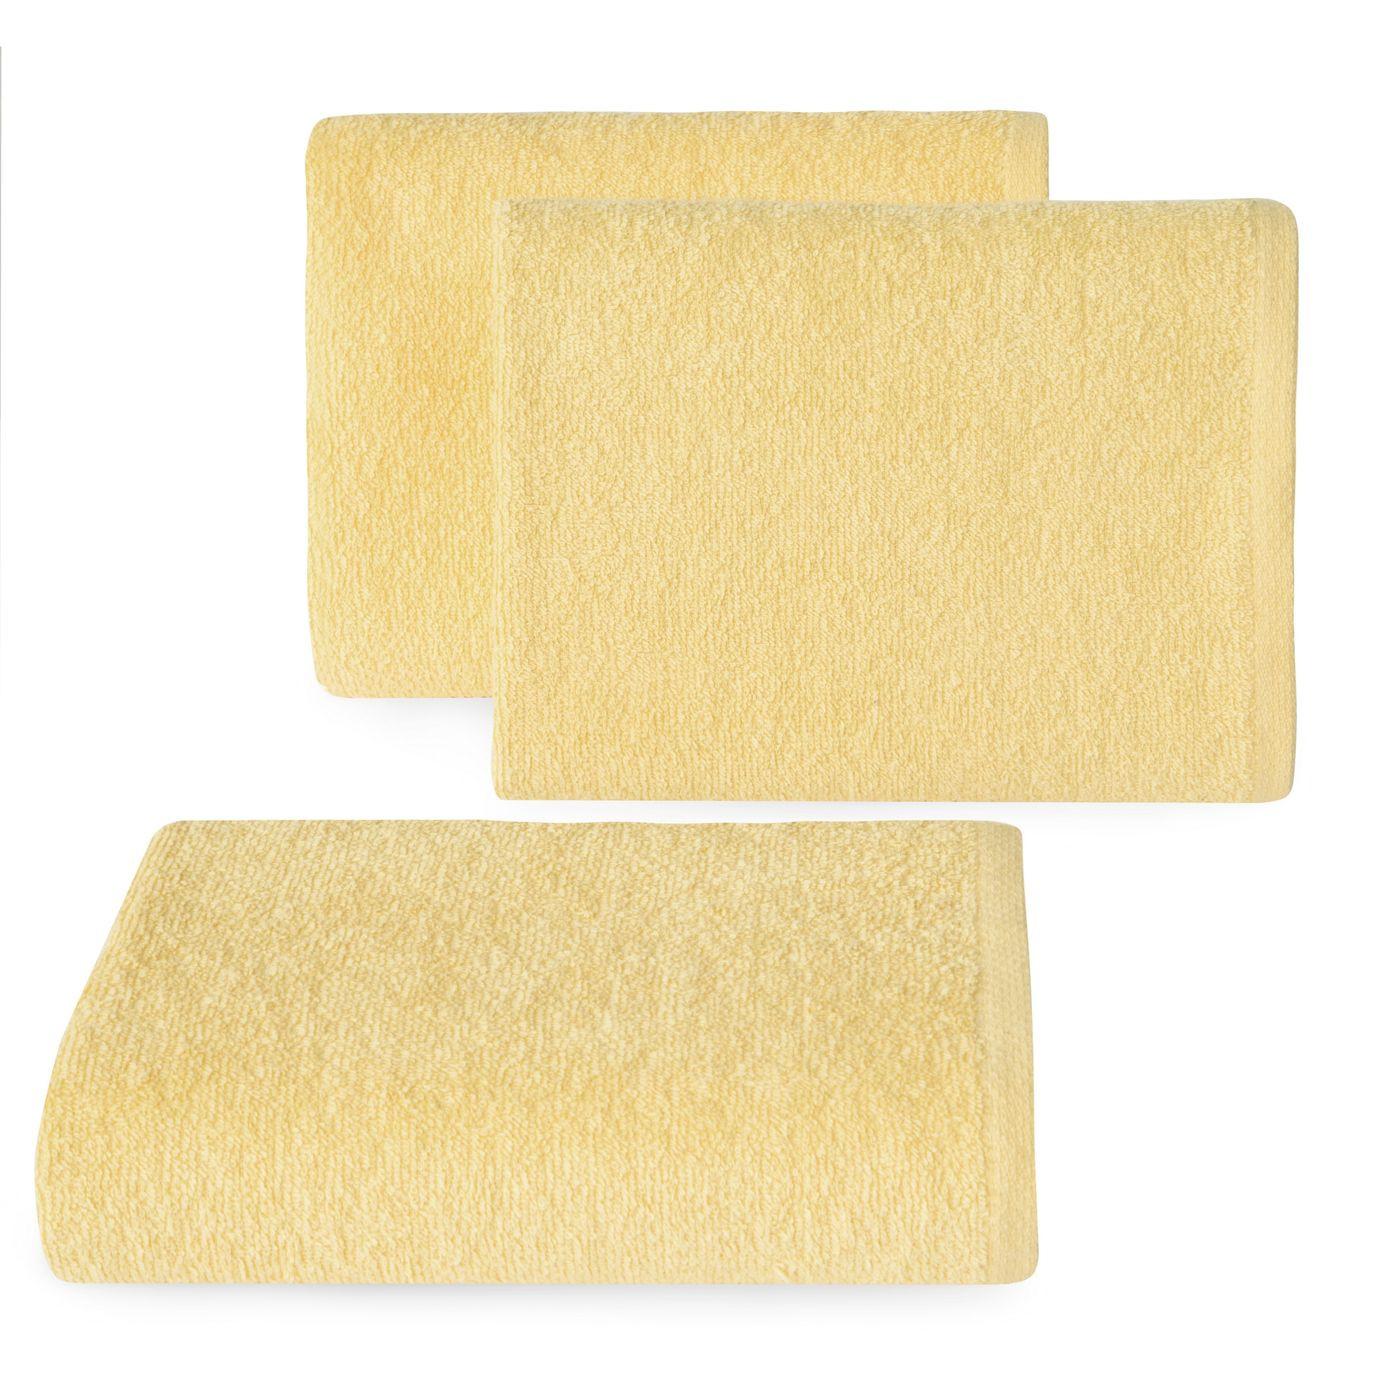 Ręcznik z bawełny gładki słoneczny 50x90cm